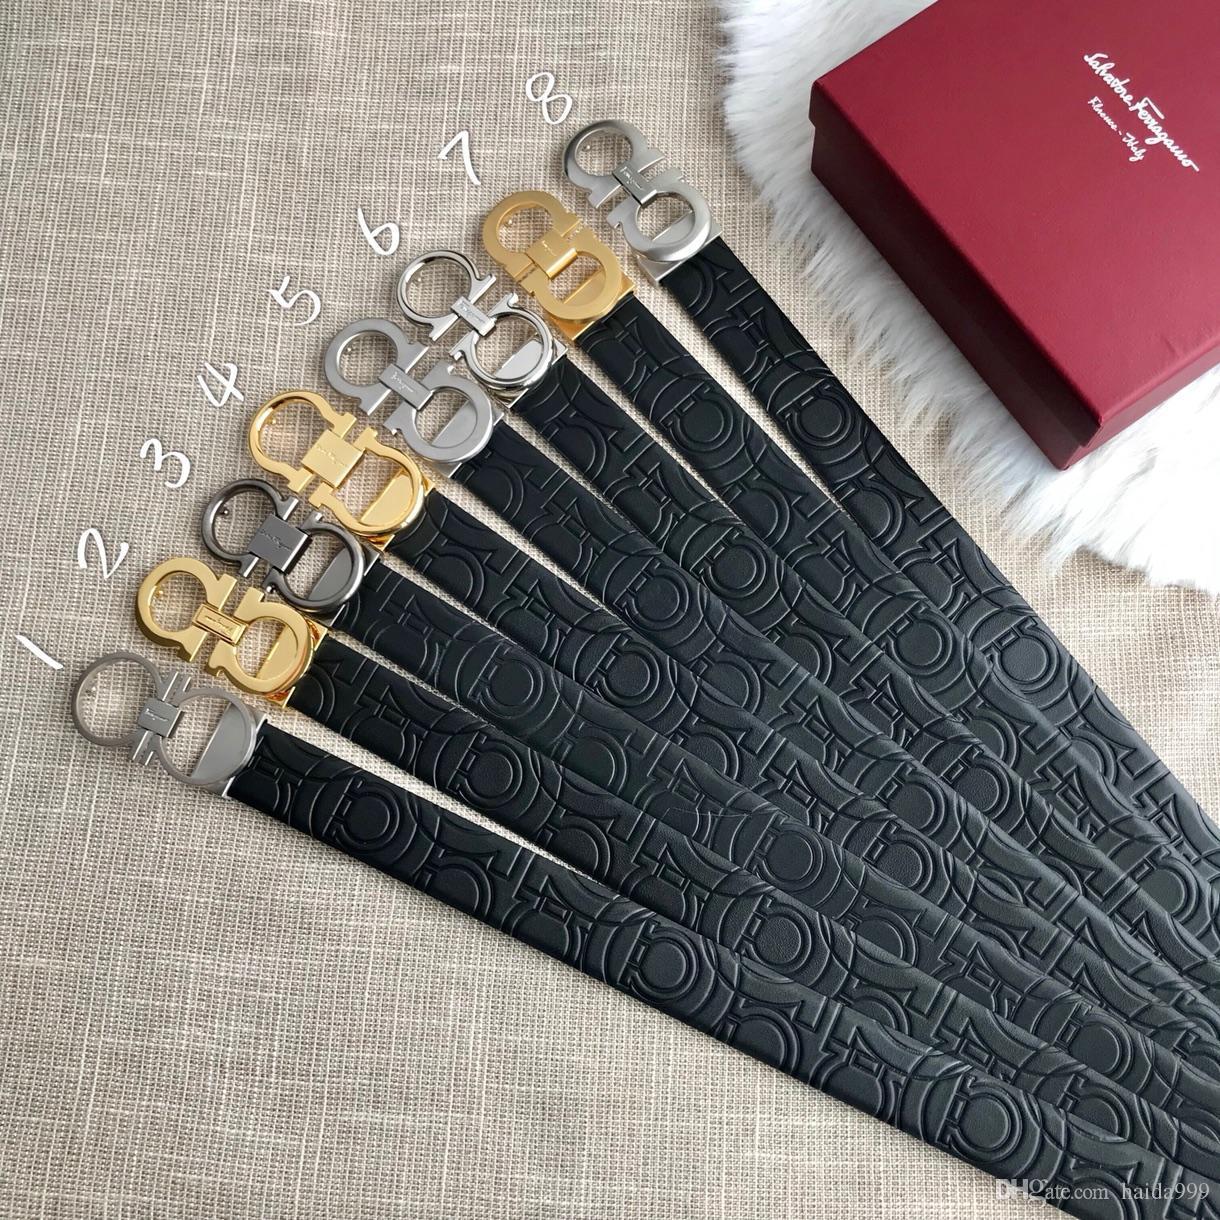 Encuentra cinturones cinturones de lujo de diseño Aprobado similares para hombres cinturón de hebilla de cinturón de castidad masculina superior hombre de la moda cinturón de cuero libre al por mayor